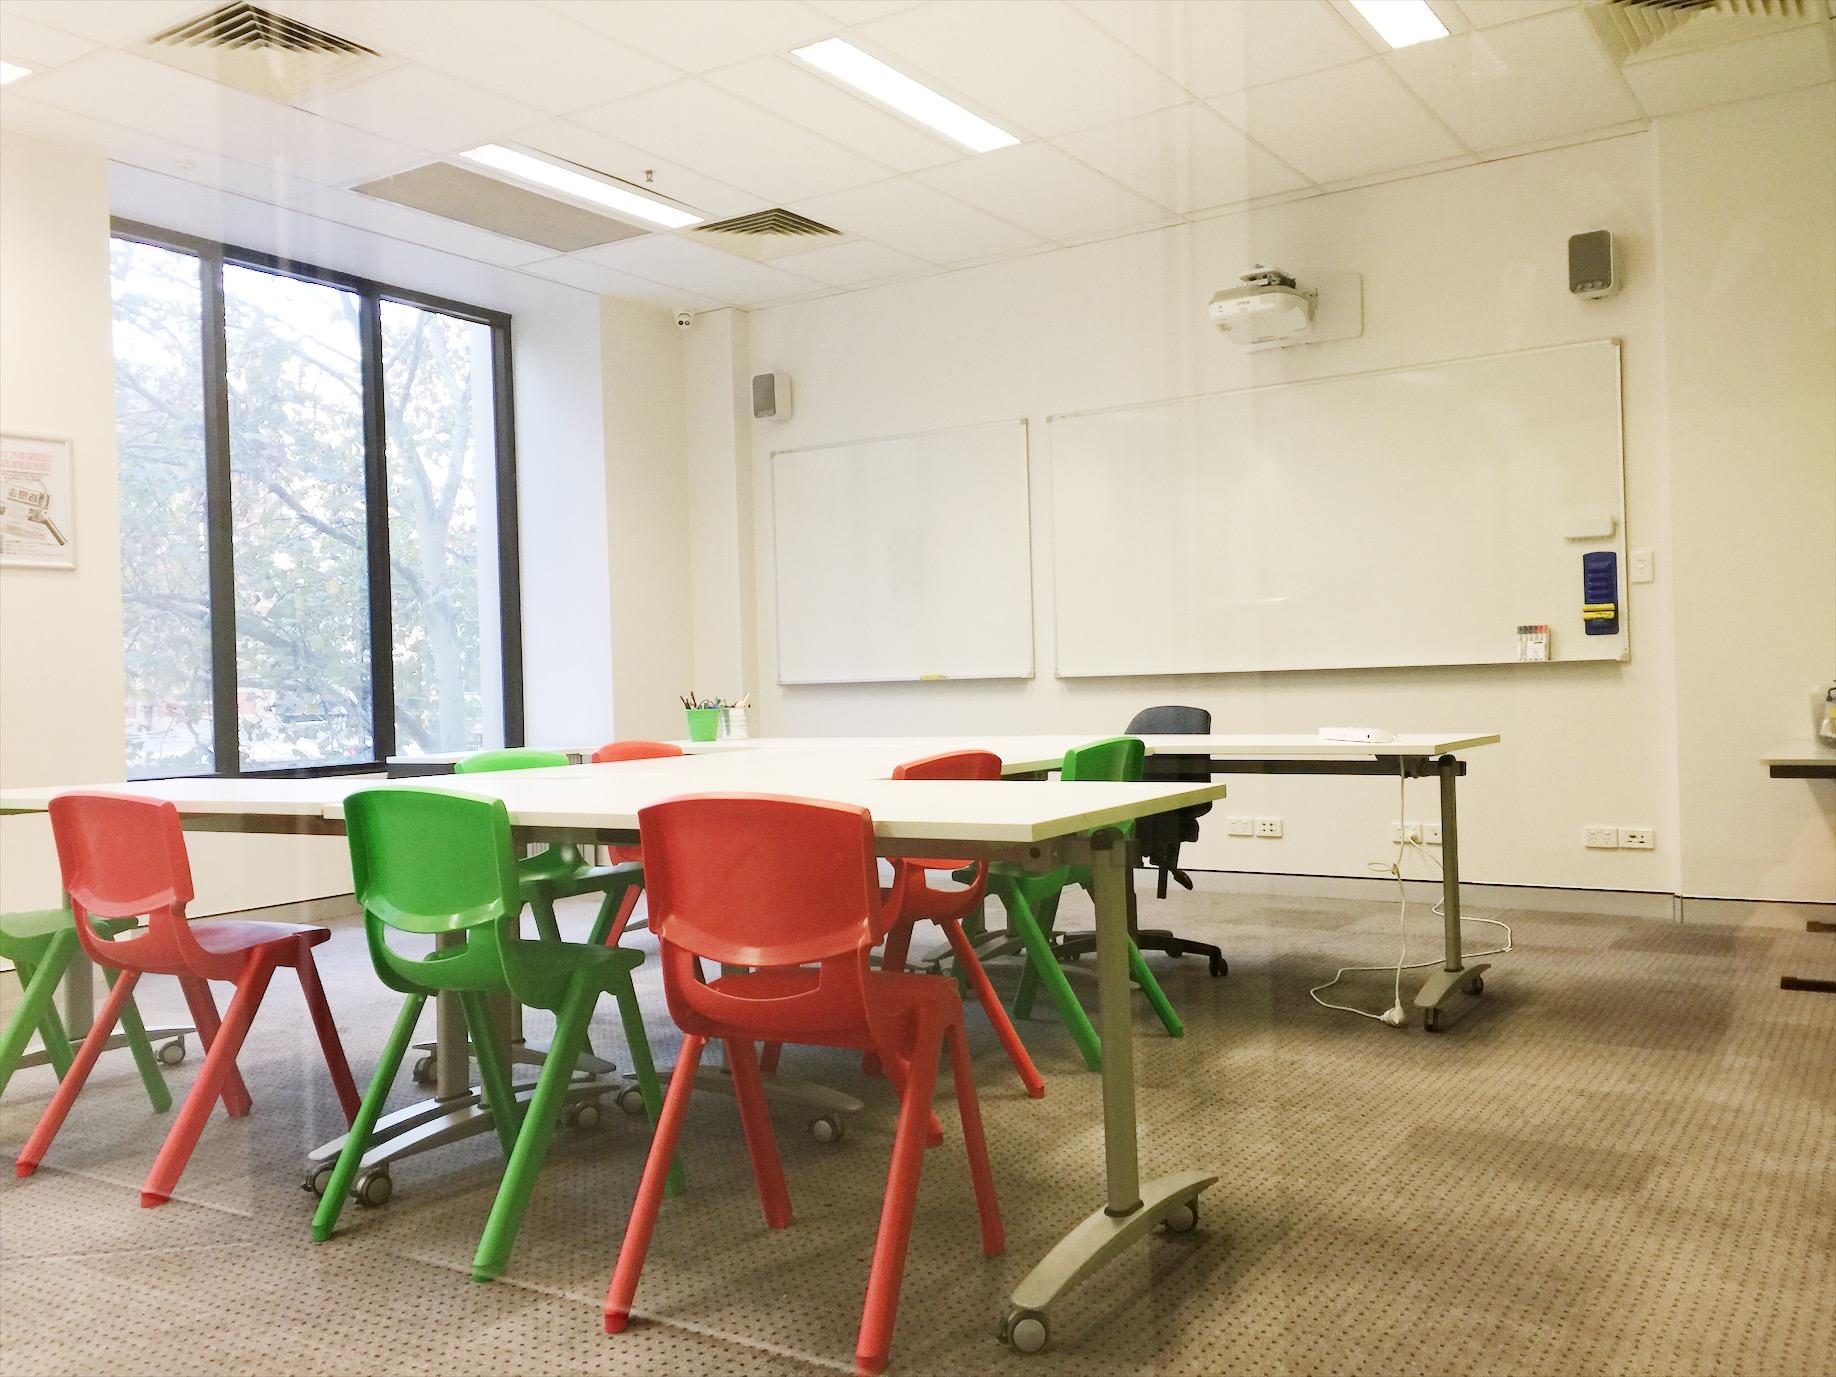 aies-class-room-3.jpg